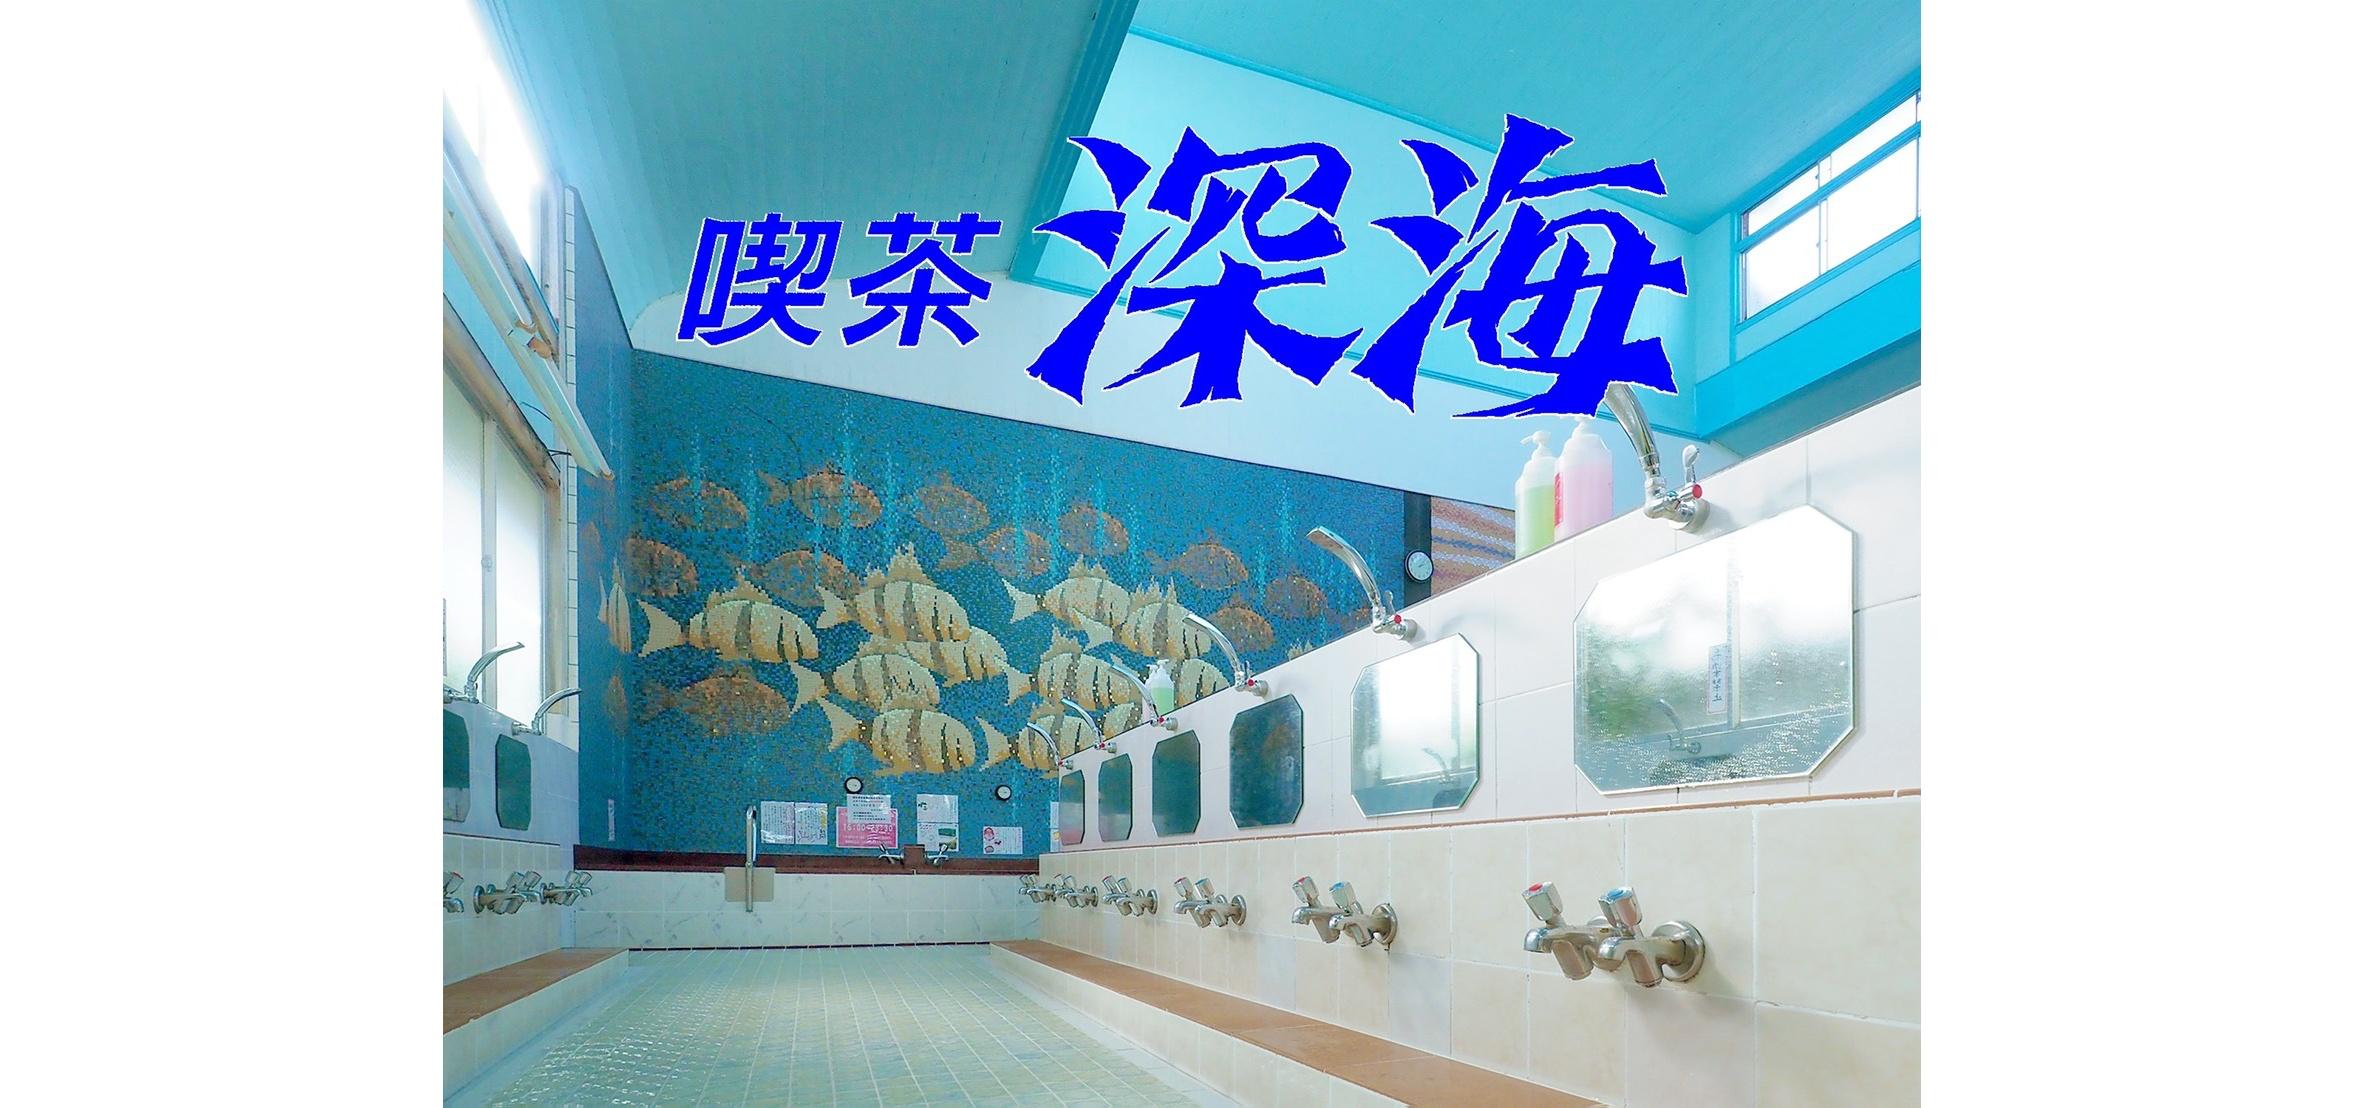 東京・十条にある銭湯「十條湯」2